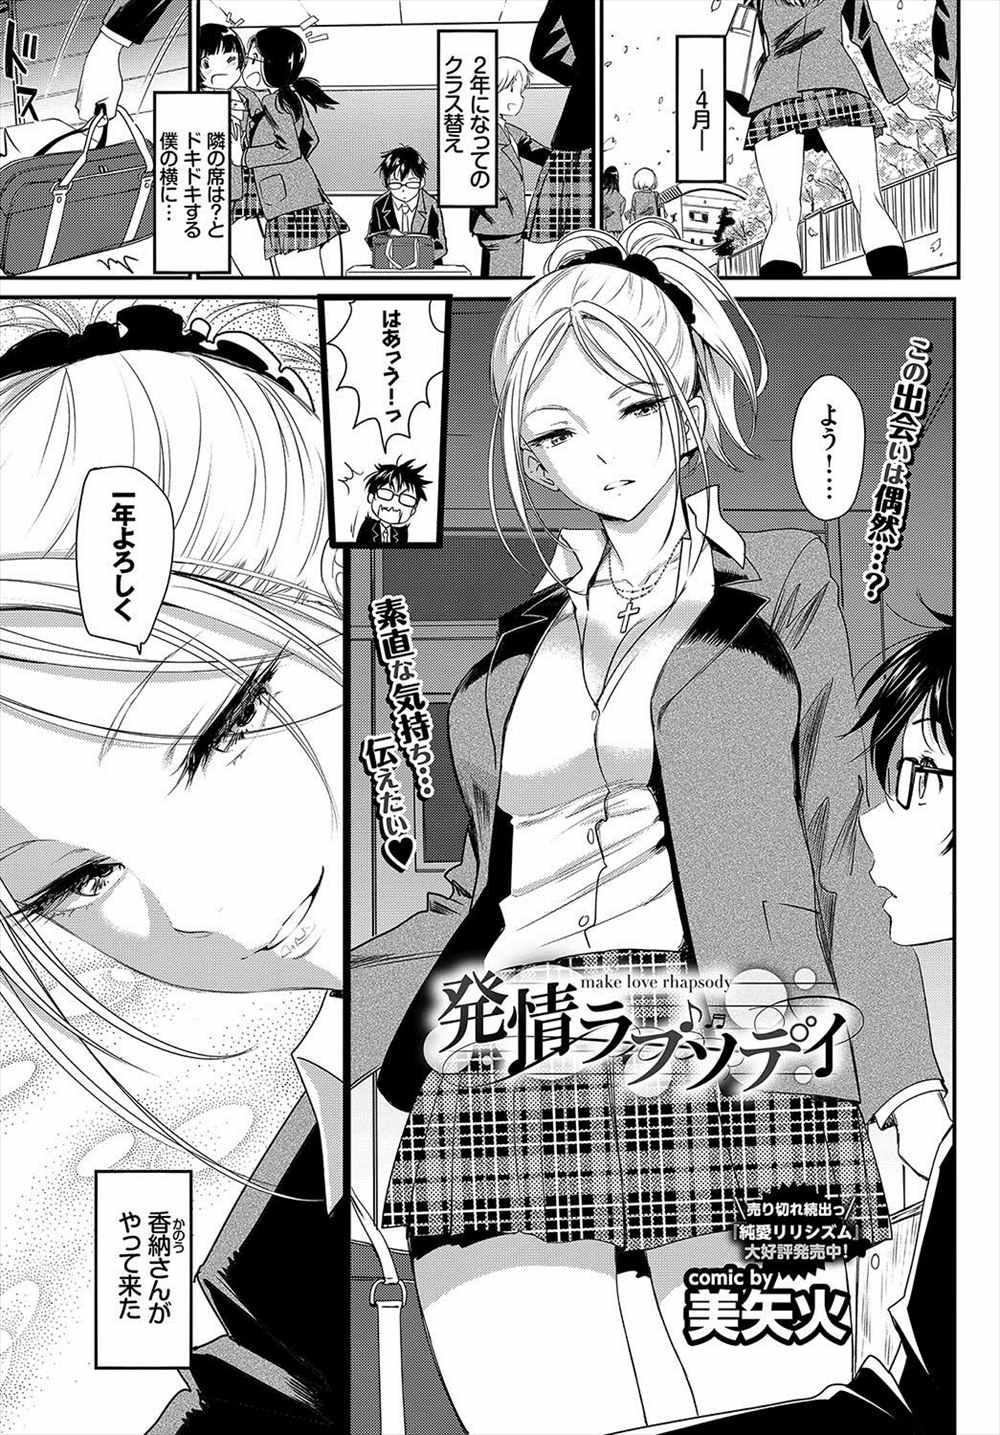 【エロ漫画】クラス替えでギャルビッチと隣の席になったメガネ男が野外で彼女に誘惑され手コキ!騎乗位セックス生挿入中出ししちゃうww